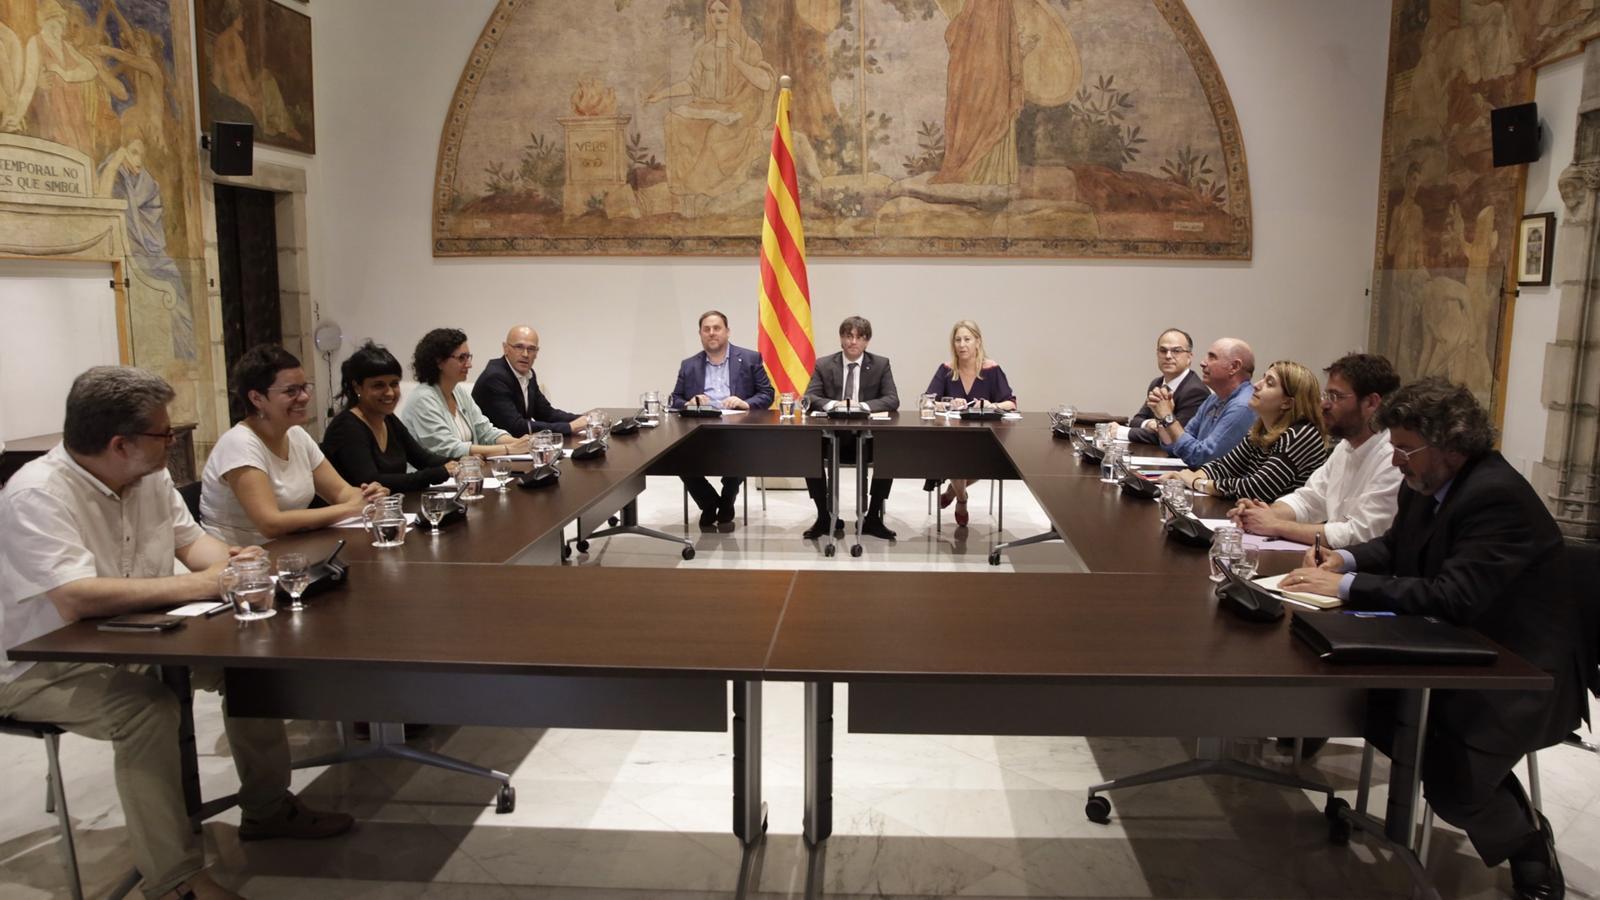 En marxa la cimera de partits al Palau de la Generalitat per abordar el referèndum unilateral